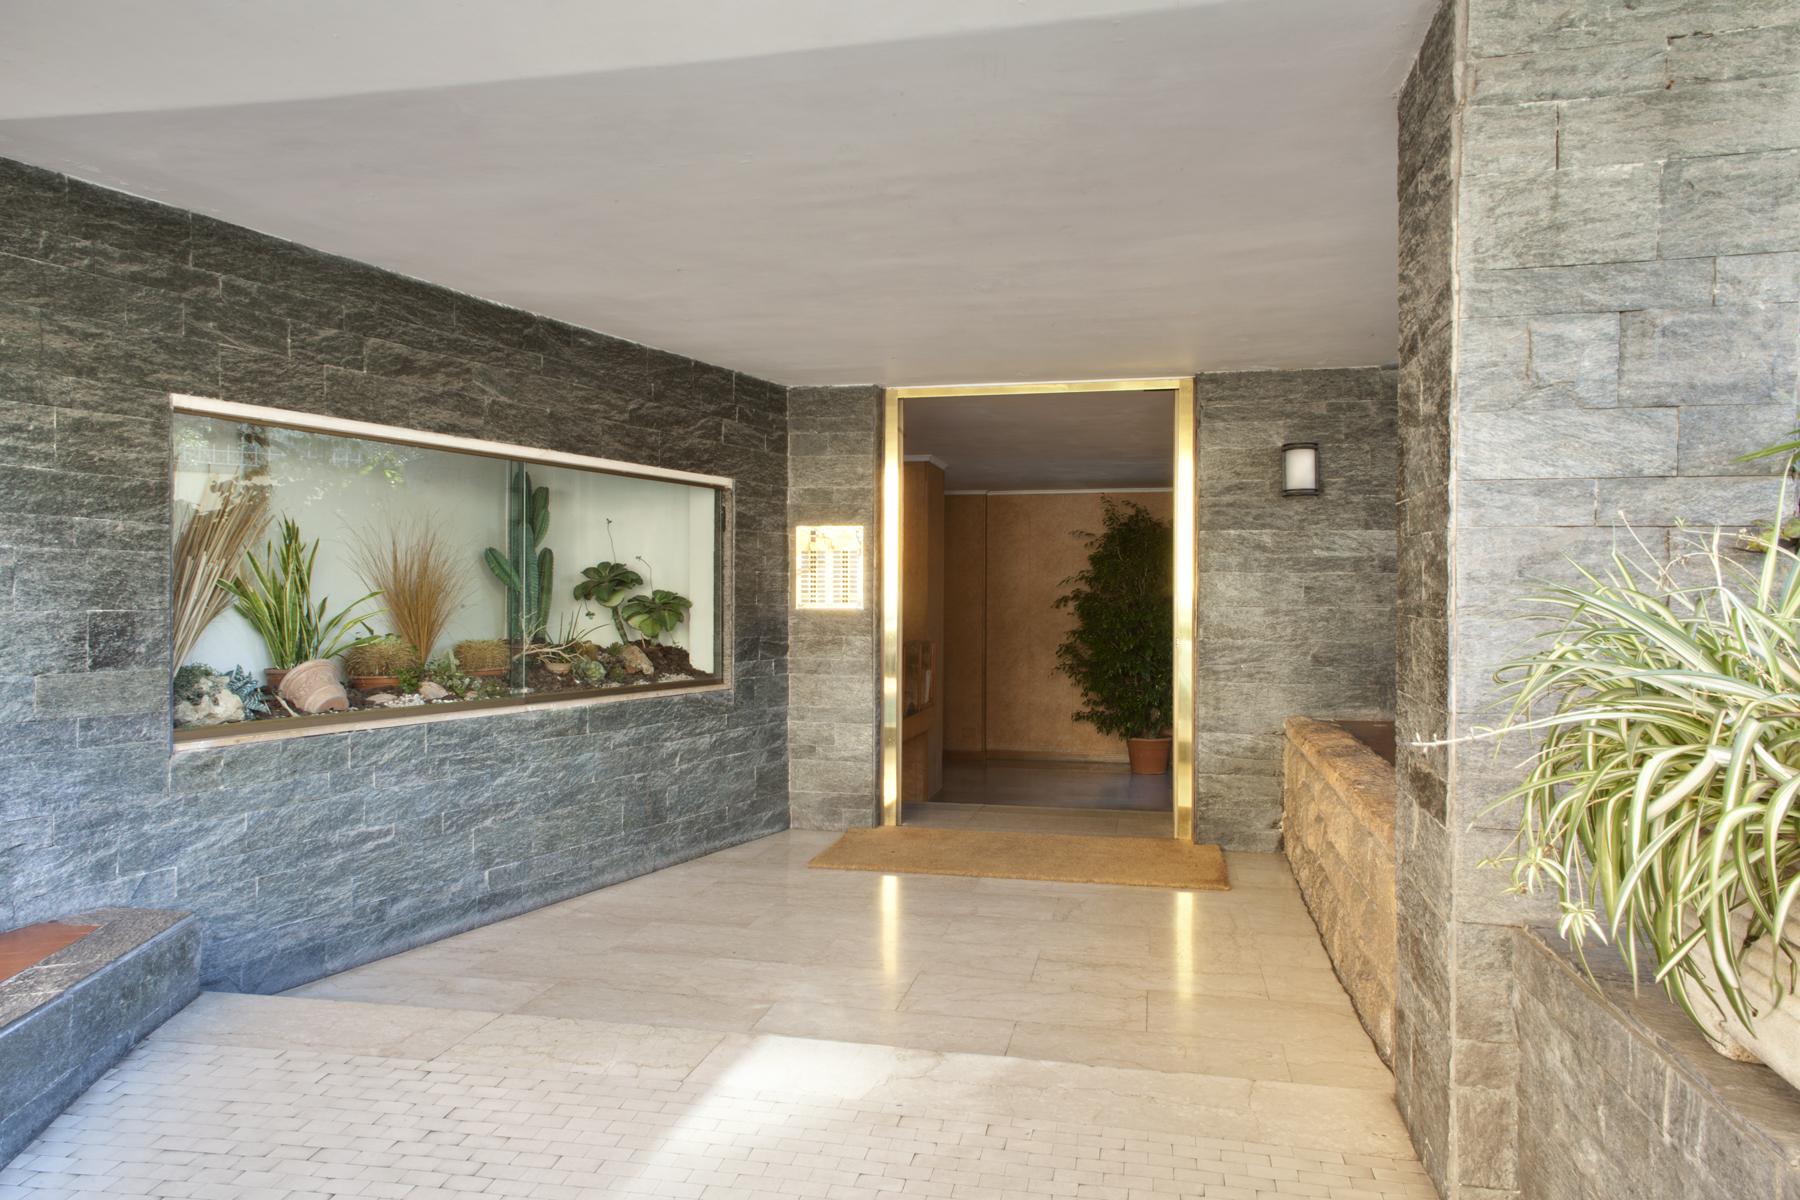 Ufficio-studio in Vendita a Roma via corsica